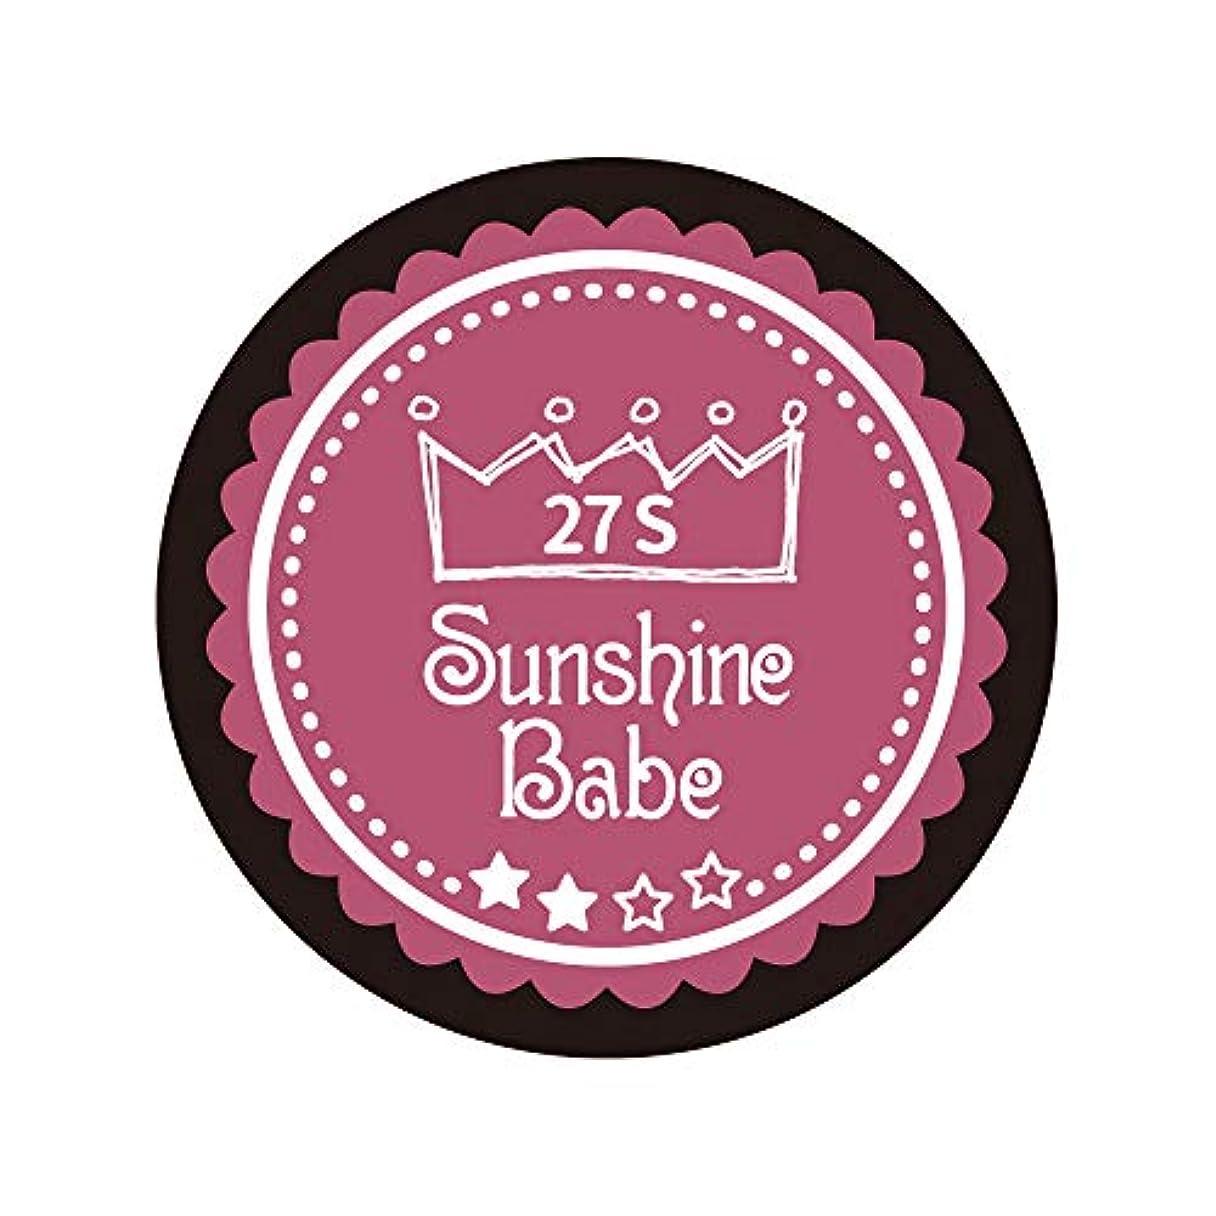 ノーブル枯れる小さいSunshine Babe カラージェル 27S プアゾン 2.7g UV/LED対応